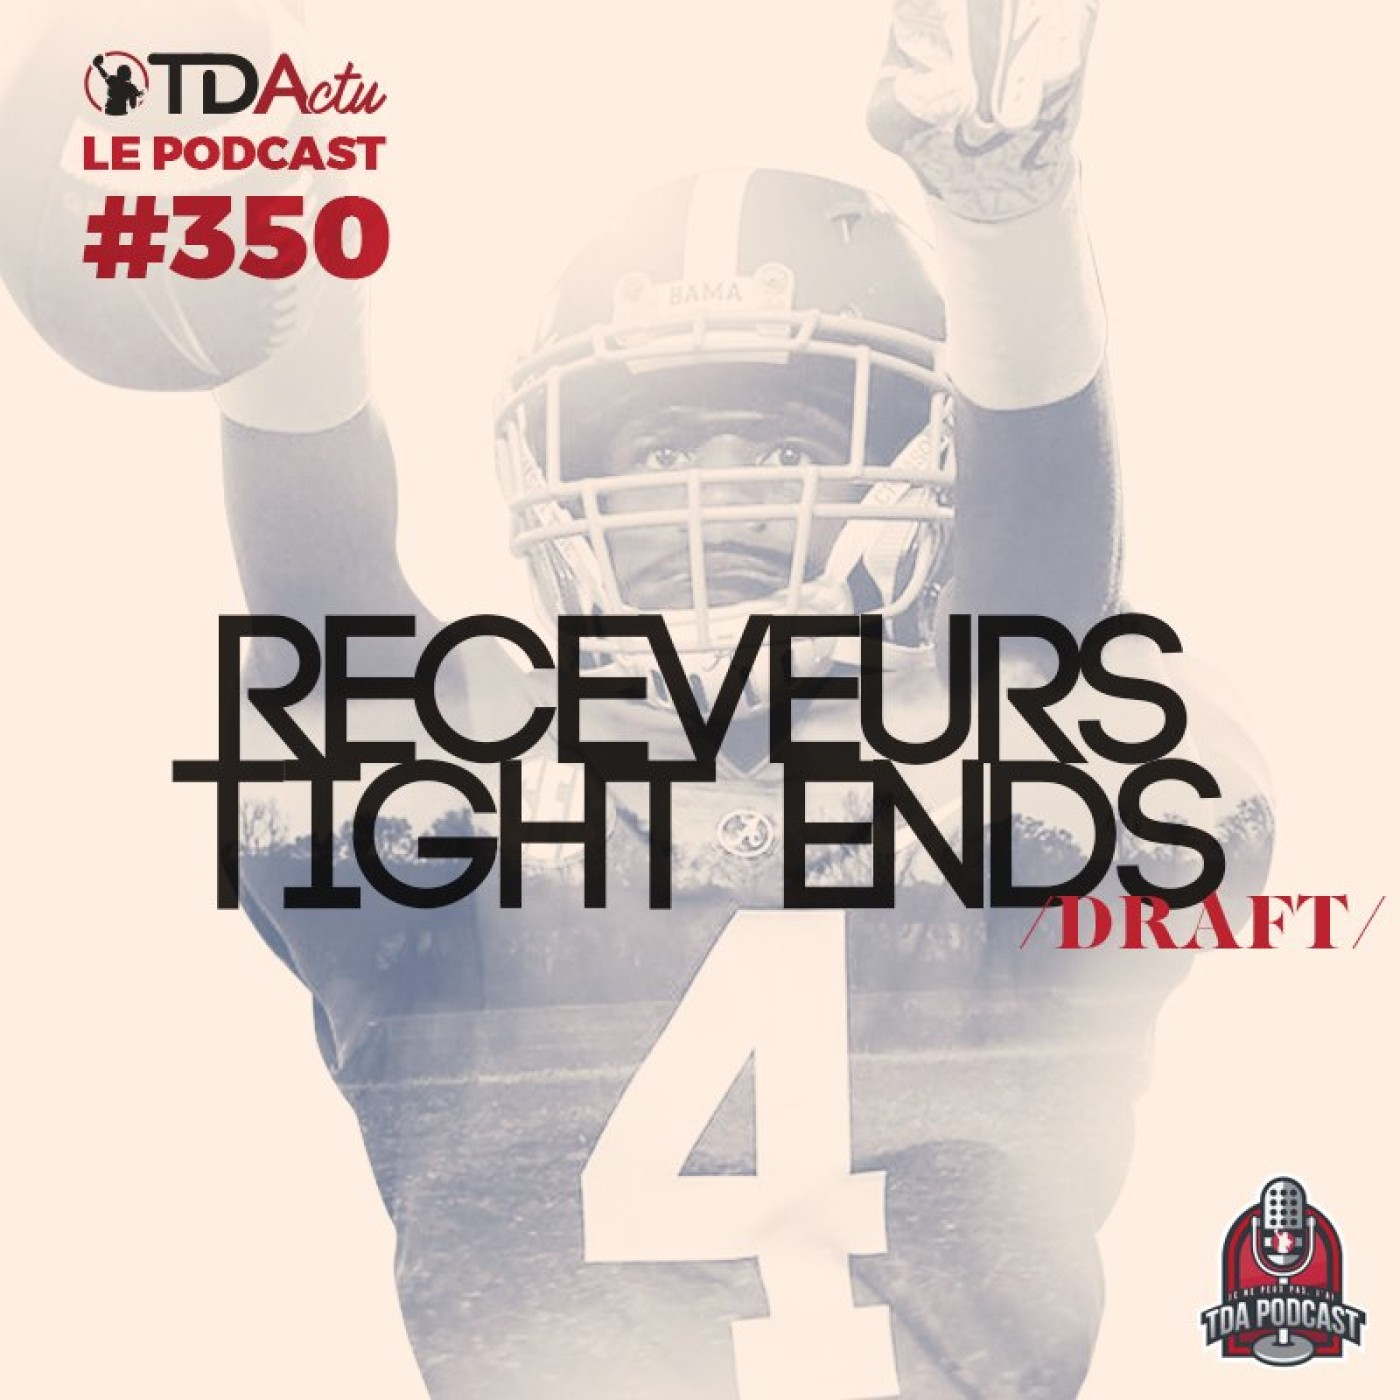 #350 - Draft : une cuvée de receveurs incroyable